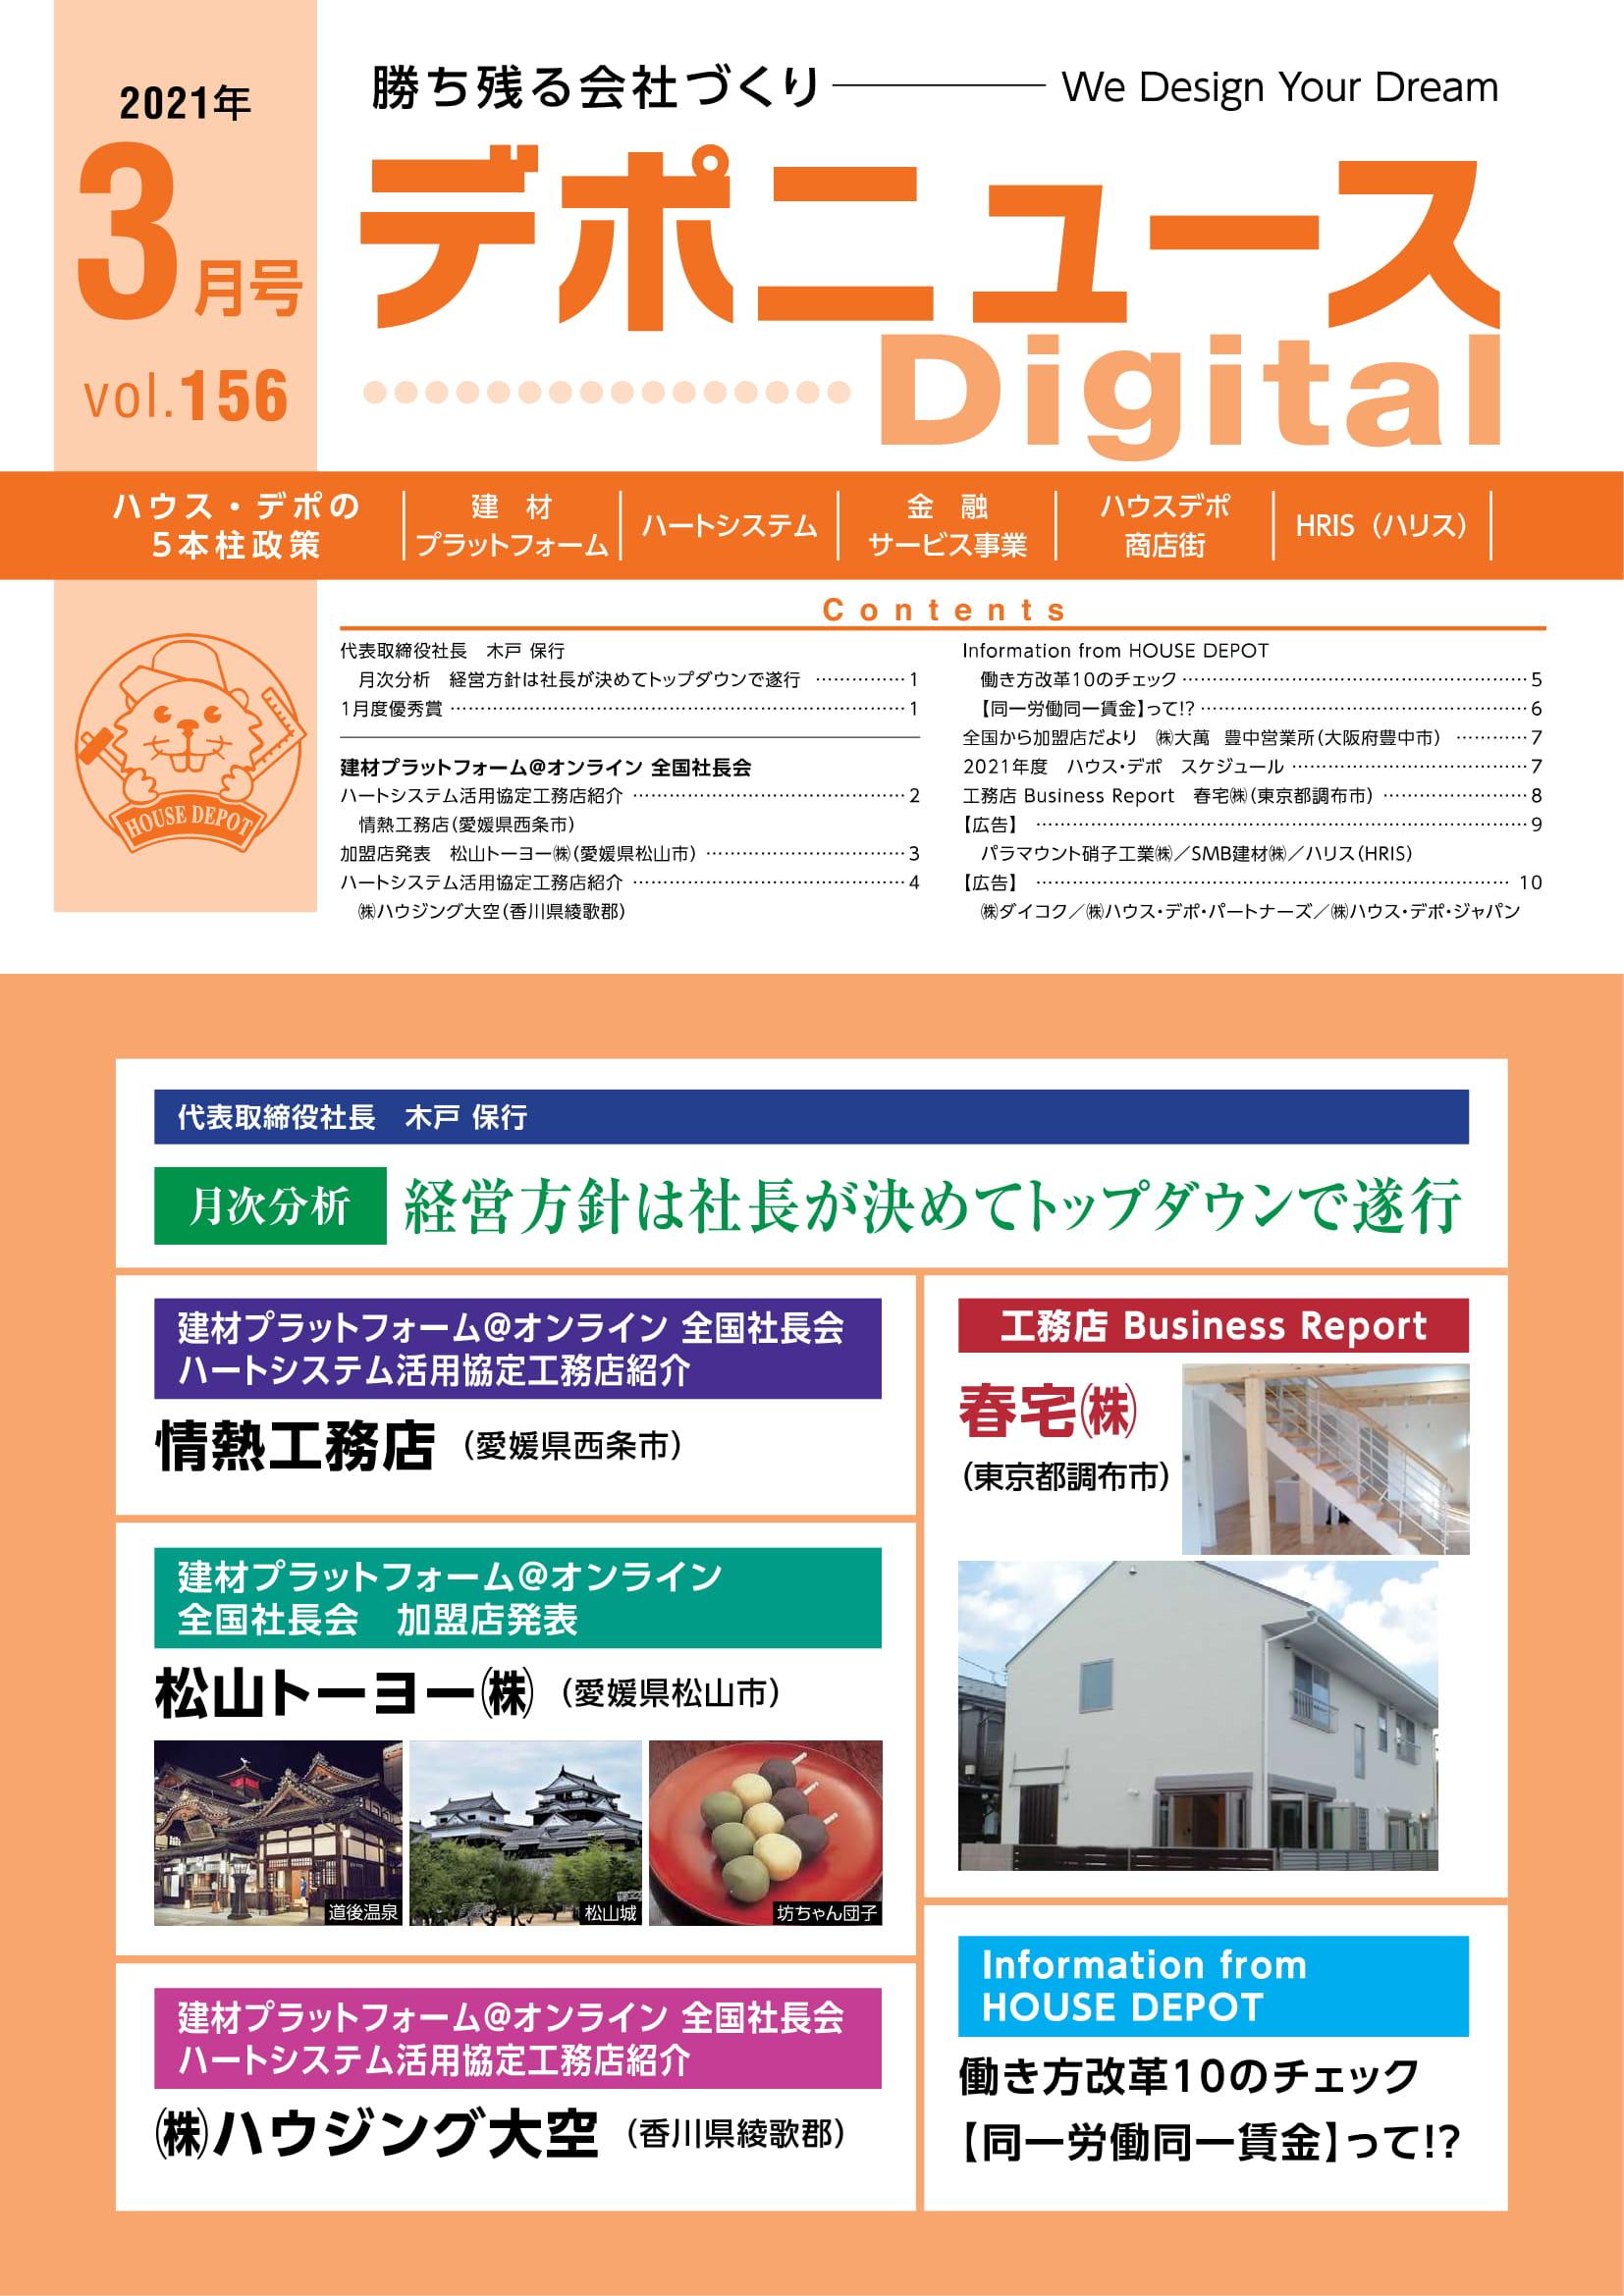 デポニュースDIGITAL Vol.156